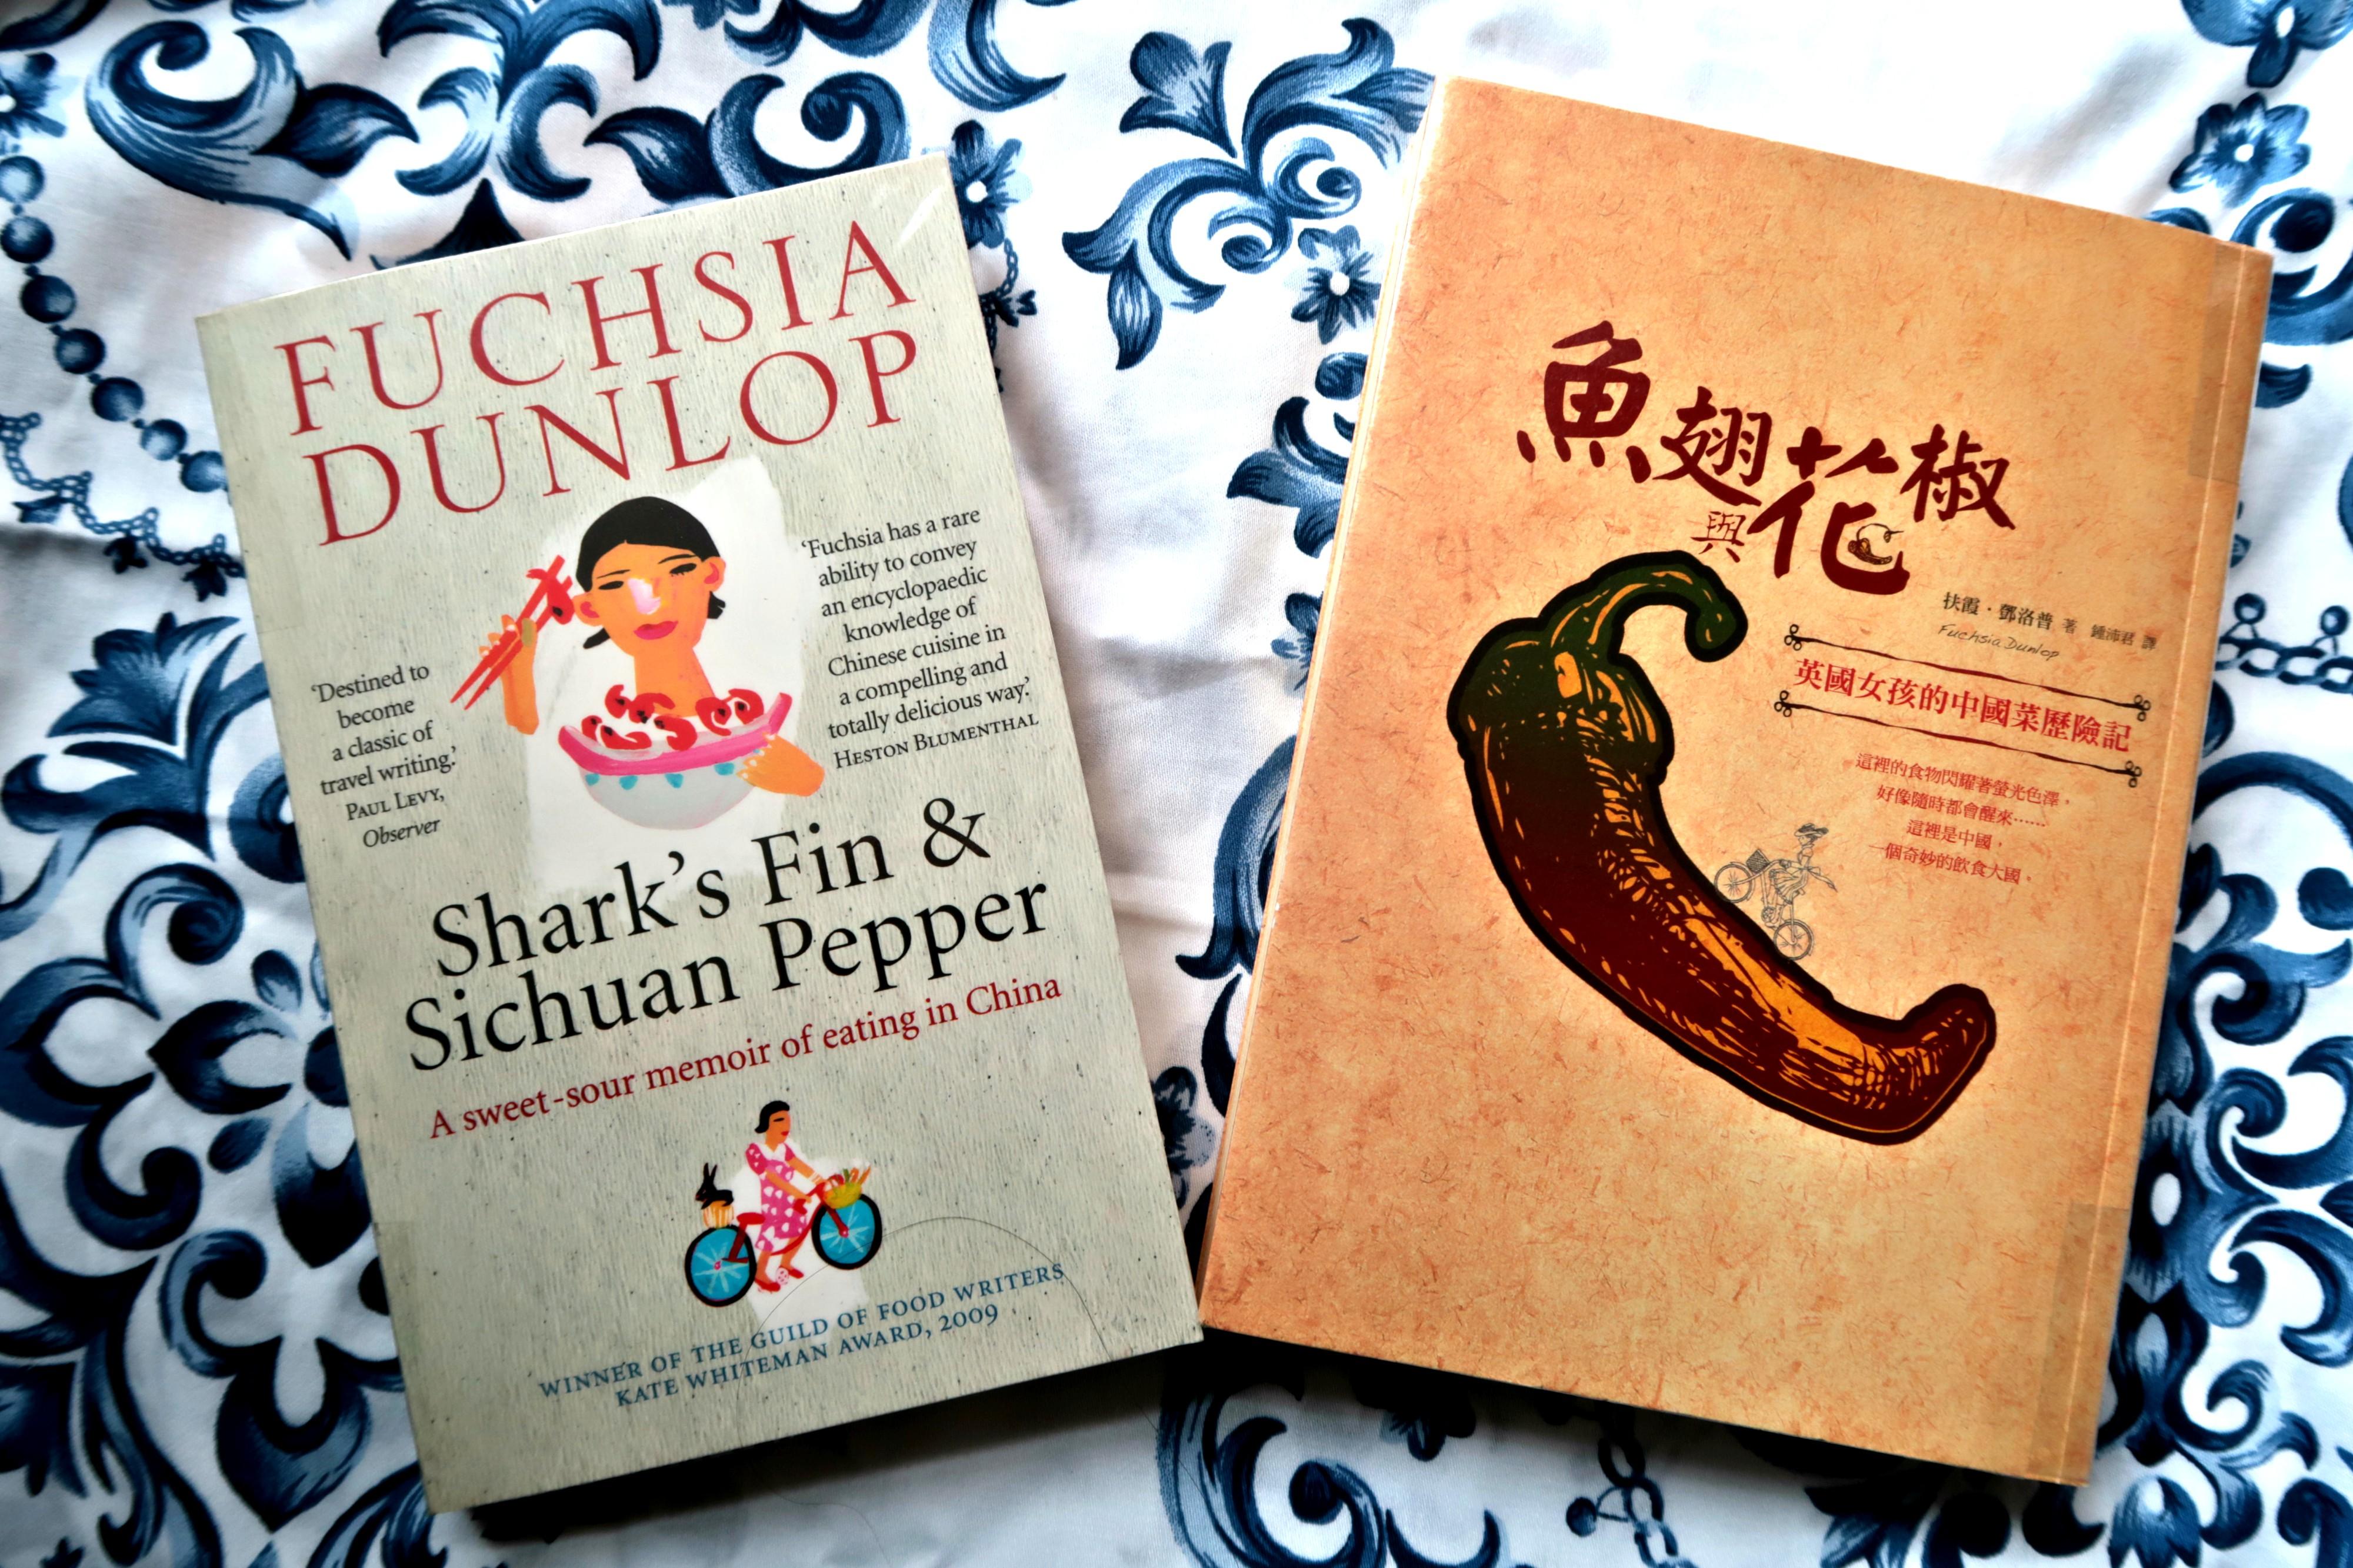 勇氣無疆的美味情書:《魚翅與花椒:英國女孩的中國菜歷險記》